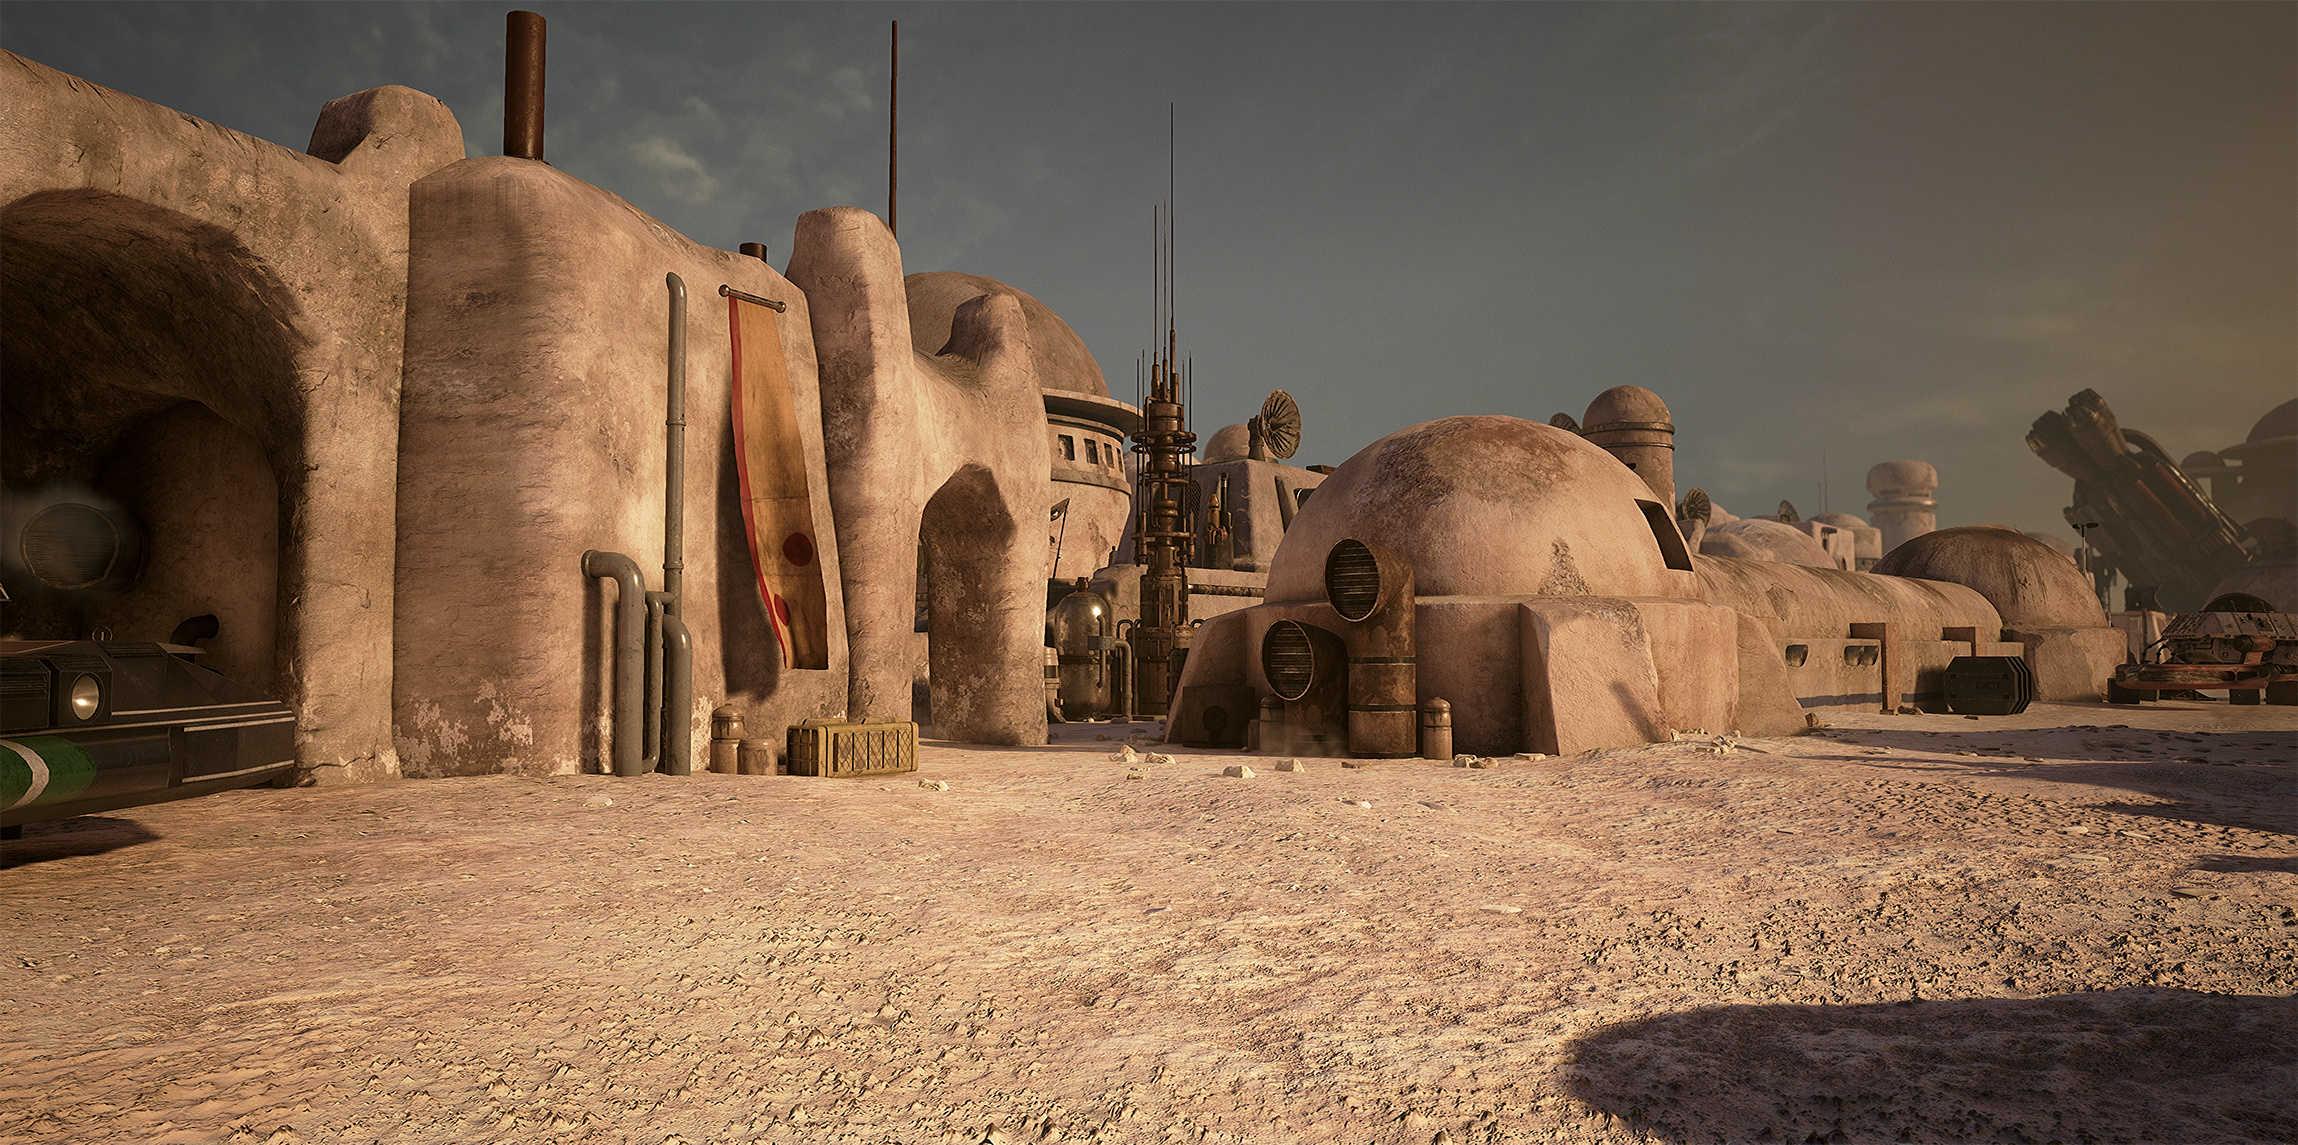 Vývojáři z Obsidianu vytvořili překrásnou Star Wars scenérii v enginu Unreal 4 130543